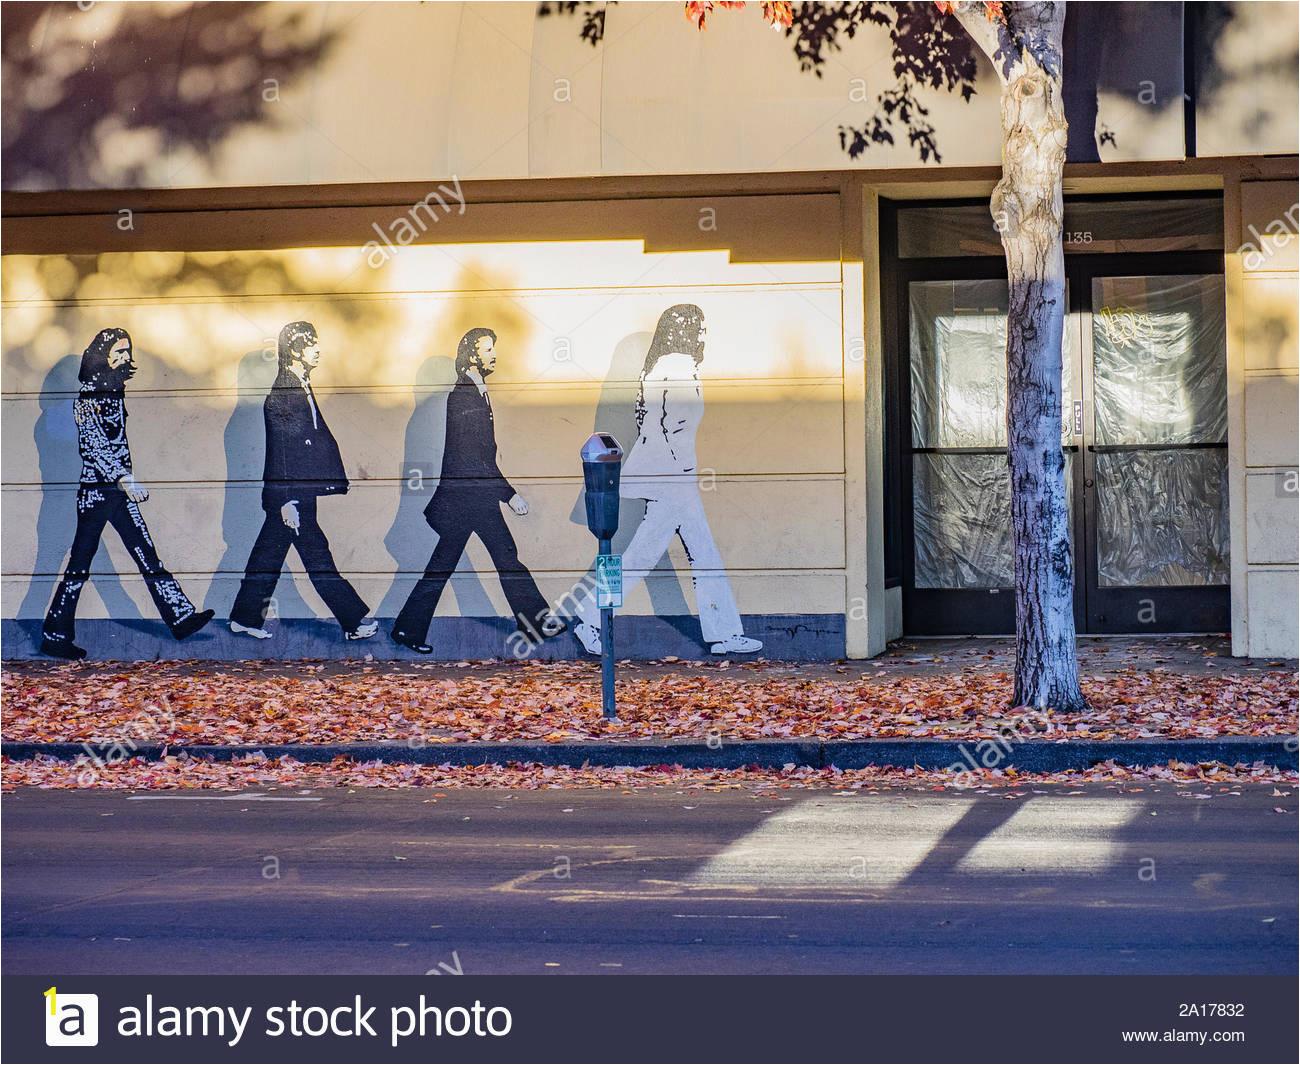 ein beatles wandbild dass das bild auf dem cover ihrer abbey road album ahnelt das wandbild wurde auf der vorderseite eines store front in downtown chico lackiert 2a